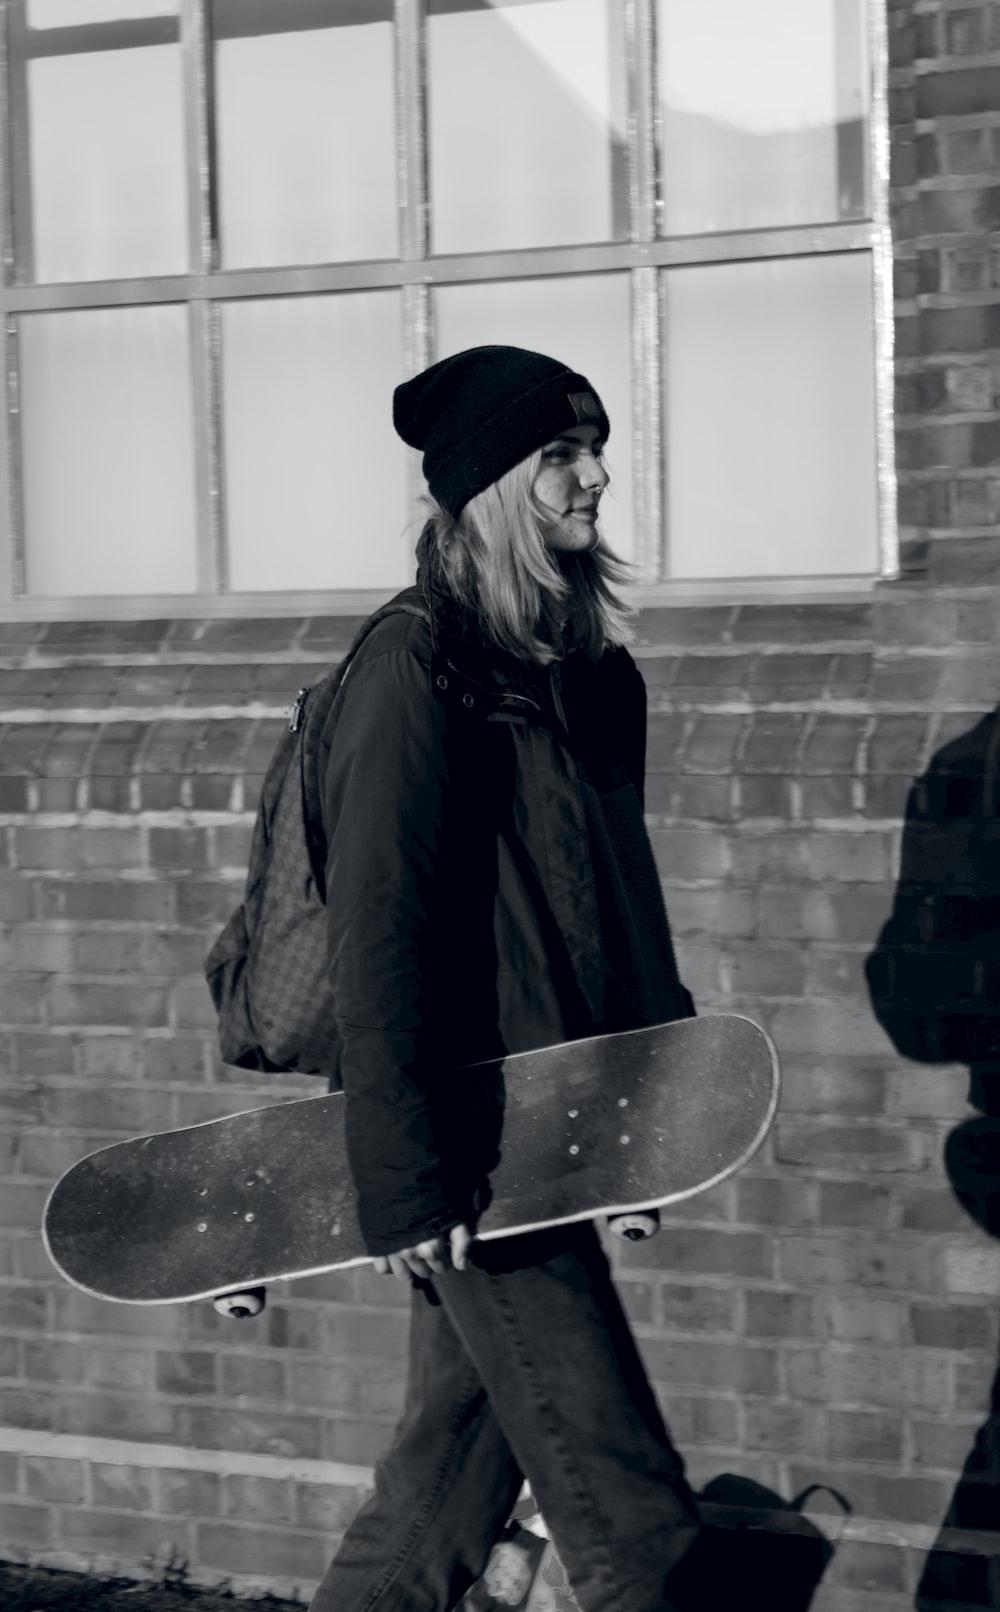 Skateboard Wallpaper Girl